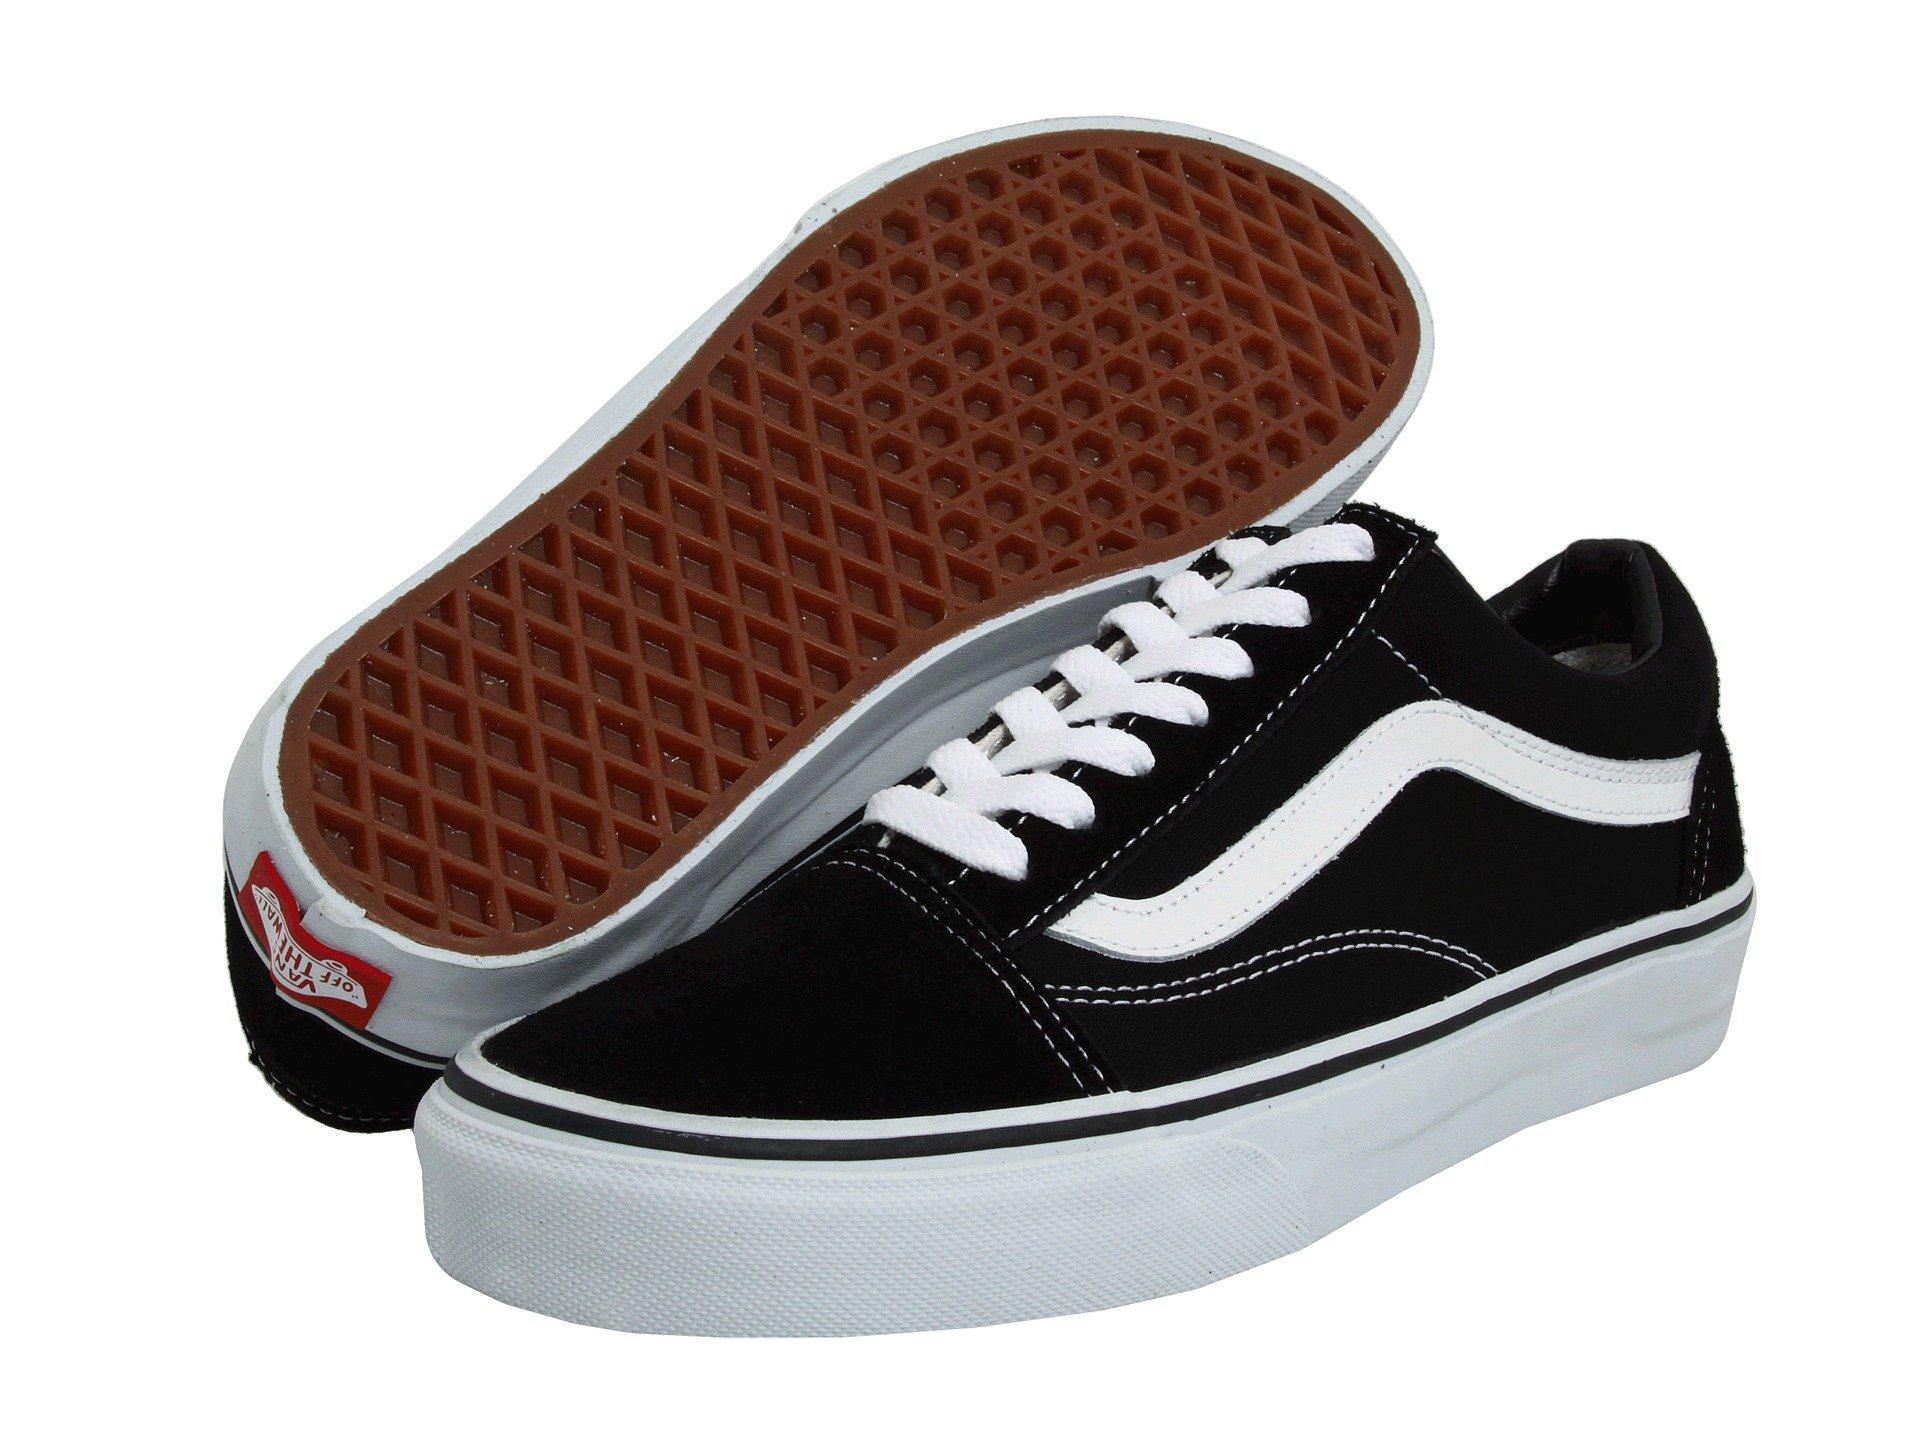 Vans Unisex Old Skool Skate Shoe (8.5 D(M), Classic Black/White)